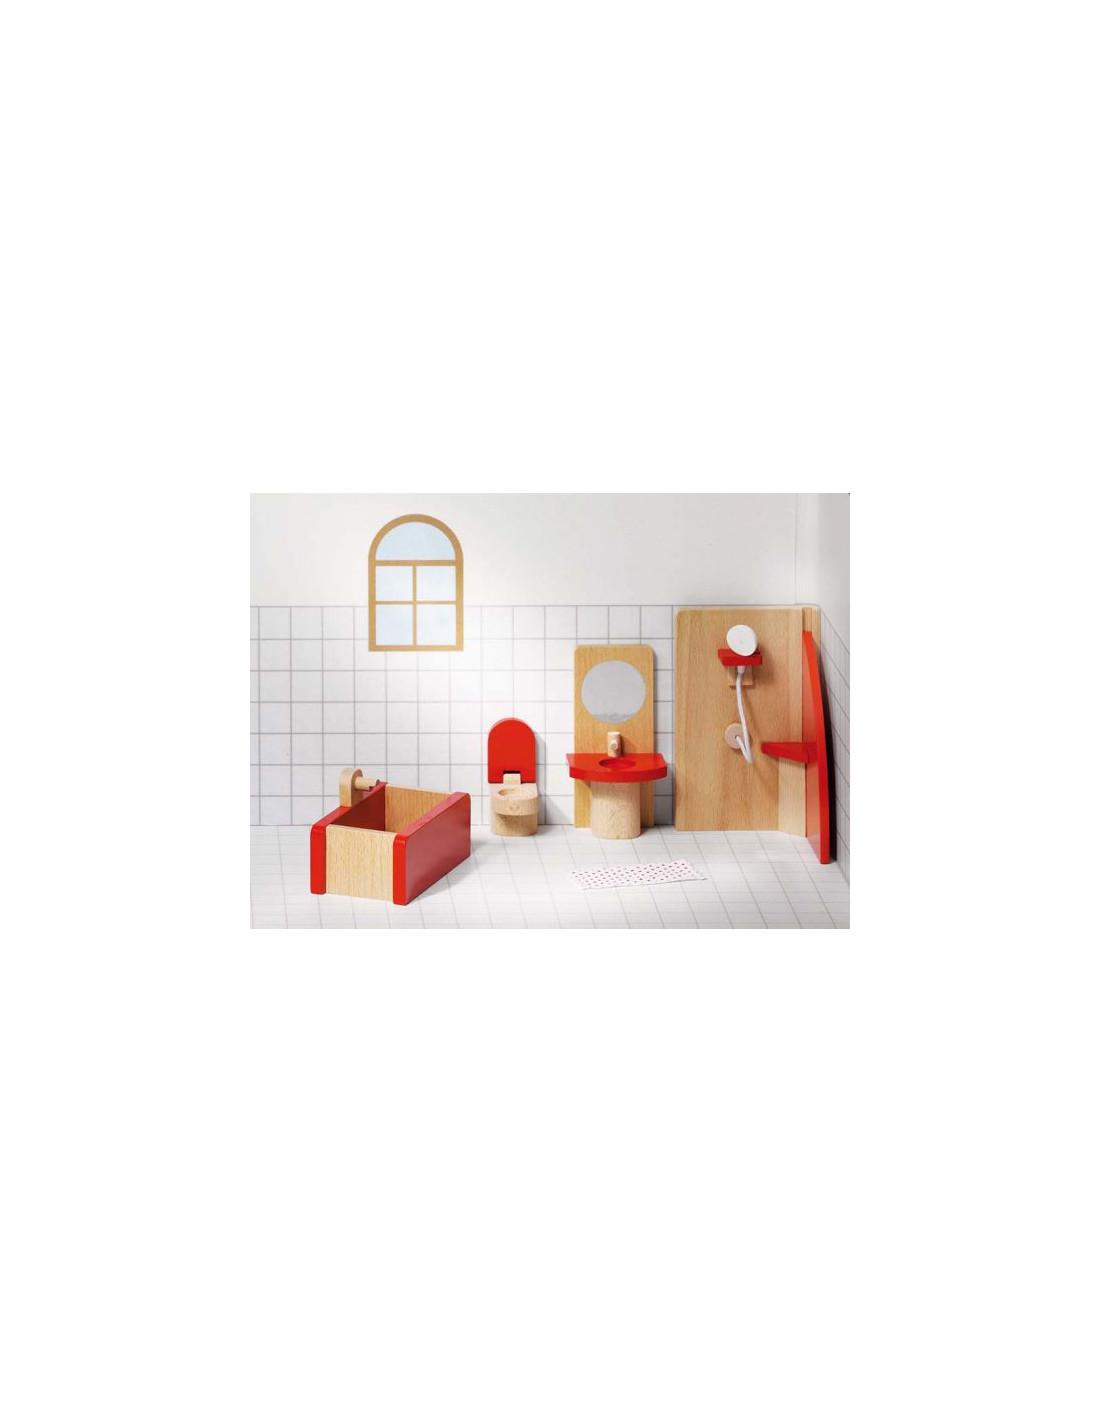 Badkamermeubel slaapkamer badkamer ontwerp idee n voor uw huis samen met meubels - Badkamer met houten meubels ...